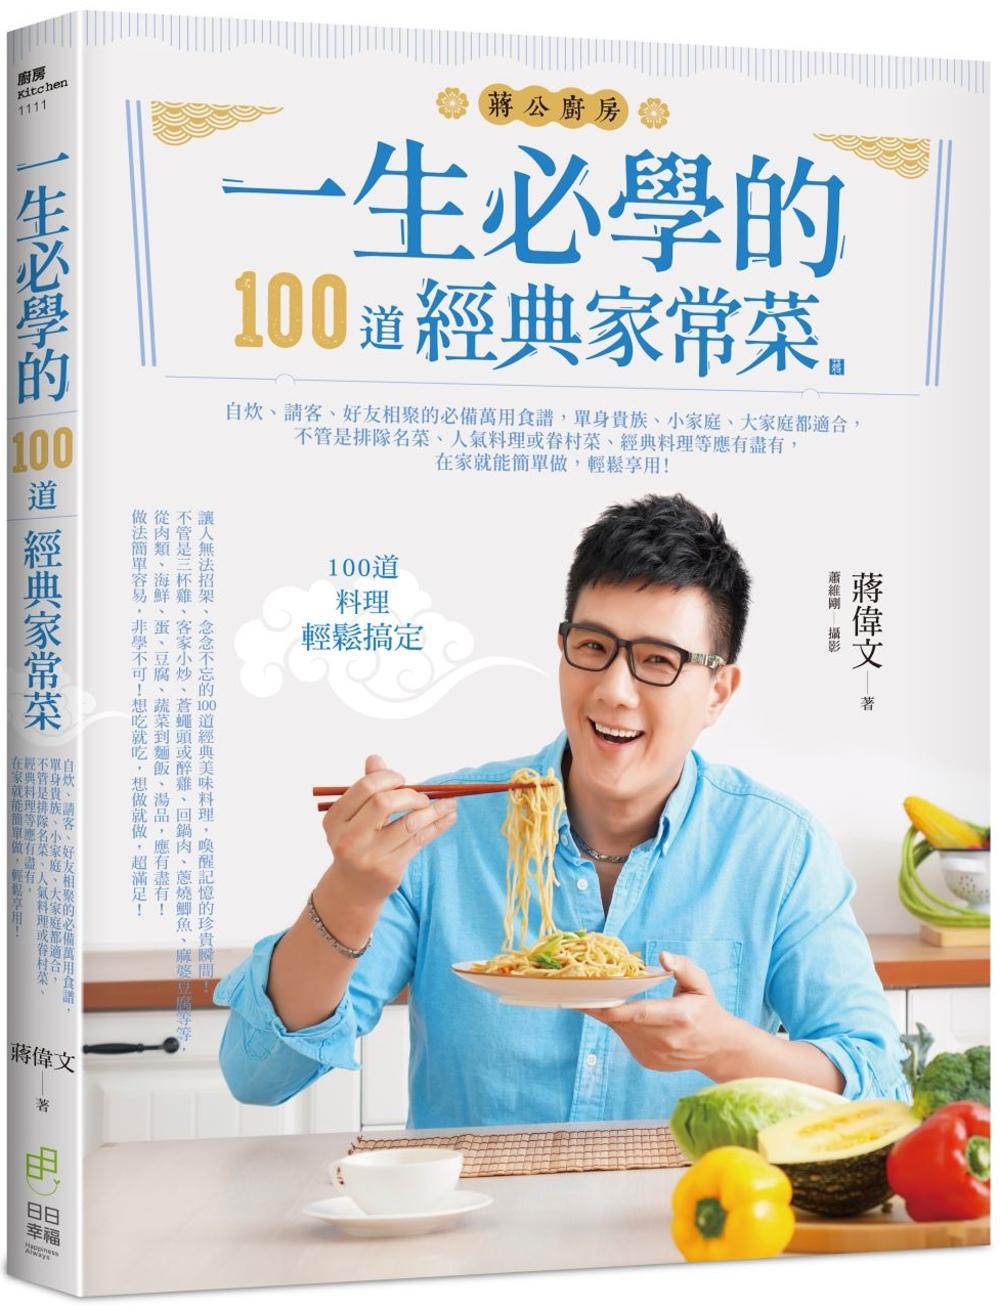 一生必學的100道經典家常菜:...